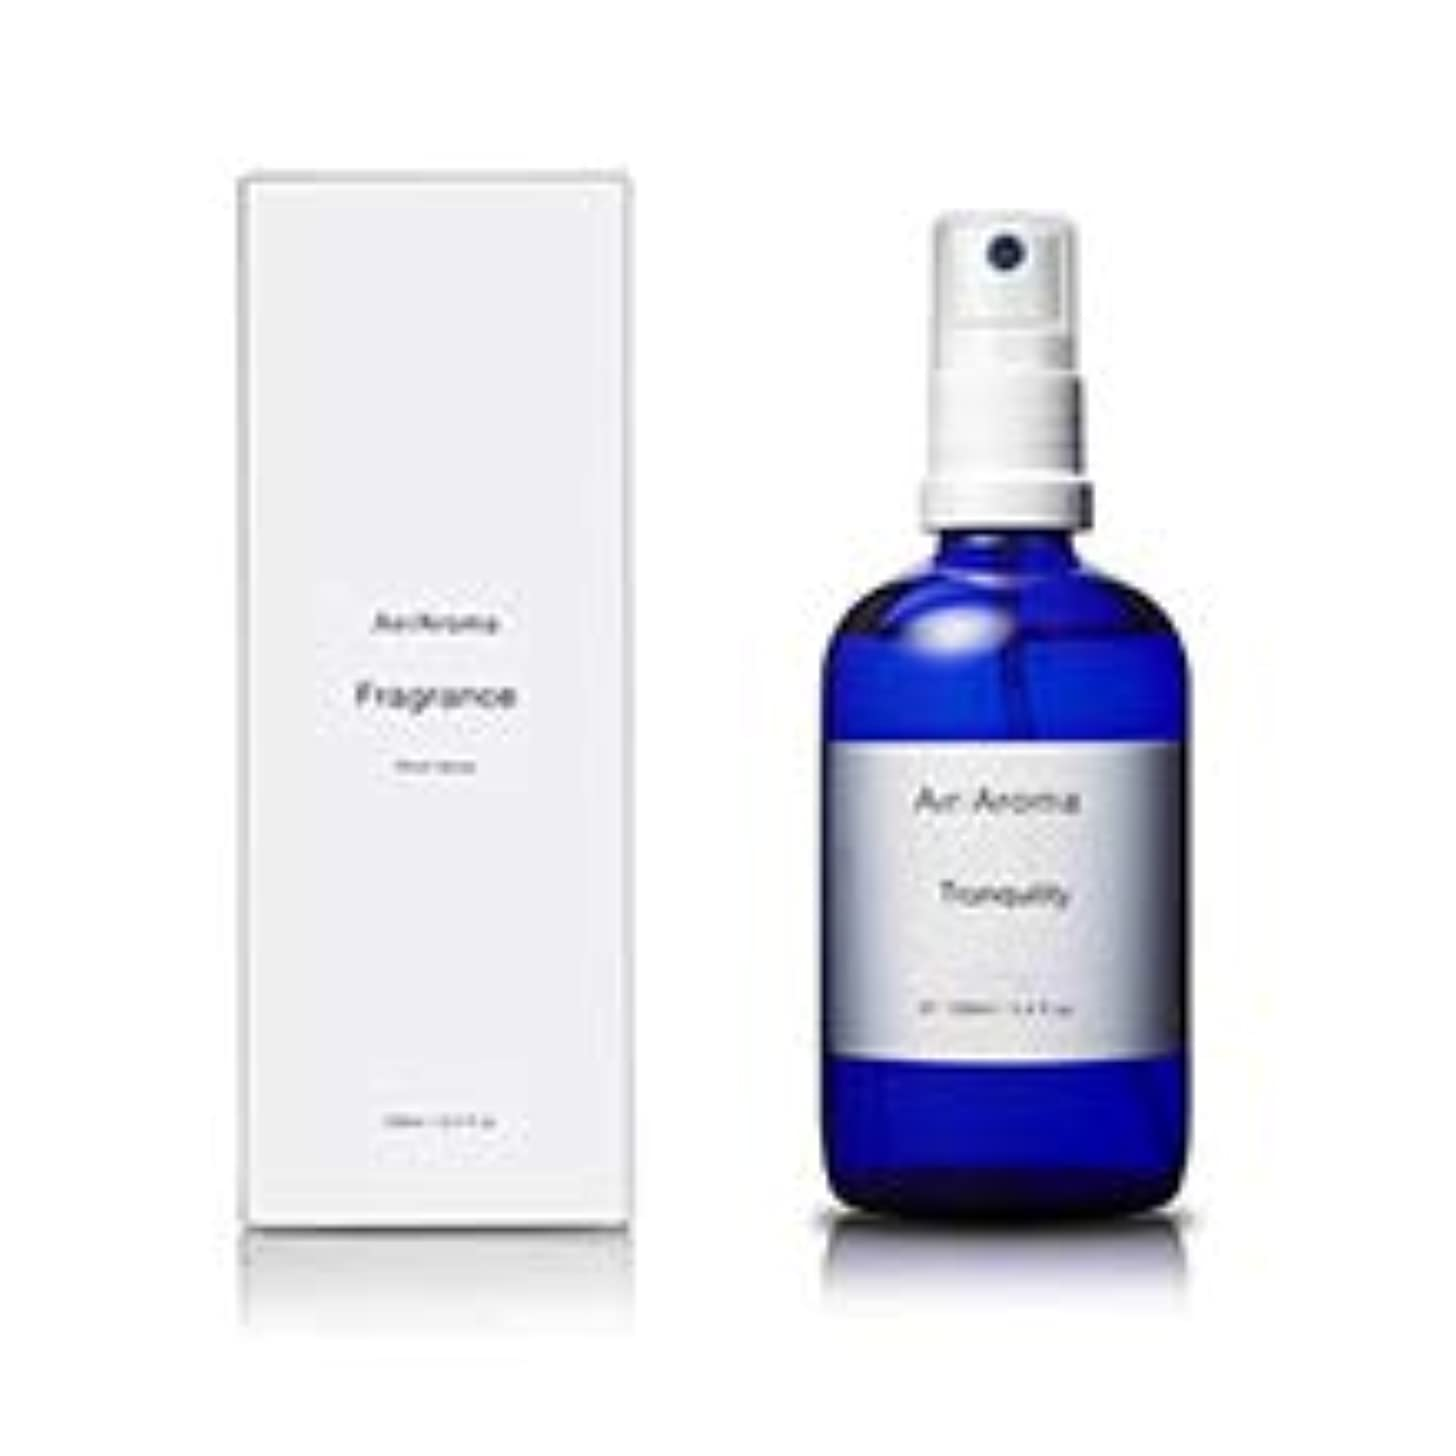 過ちセージ乗ってエアアロマ tranquility room fragrance (トランキリティー ルームフレグランス) 100ml